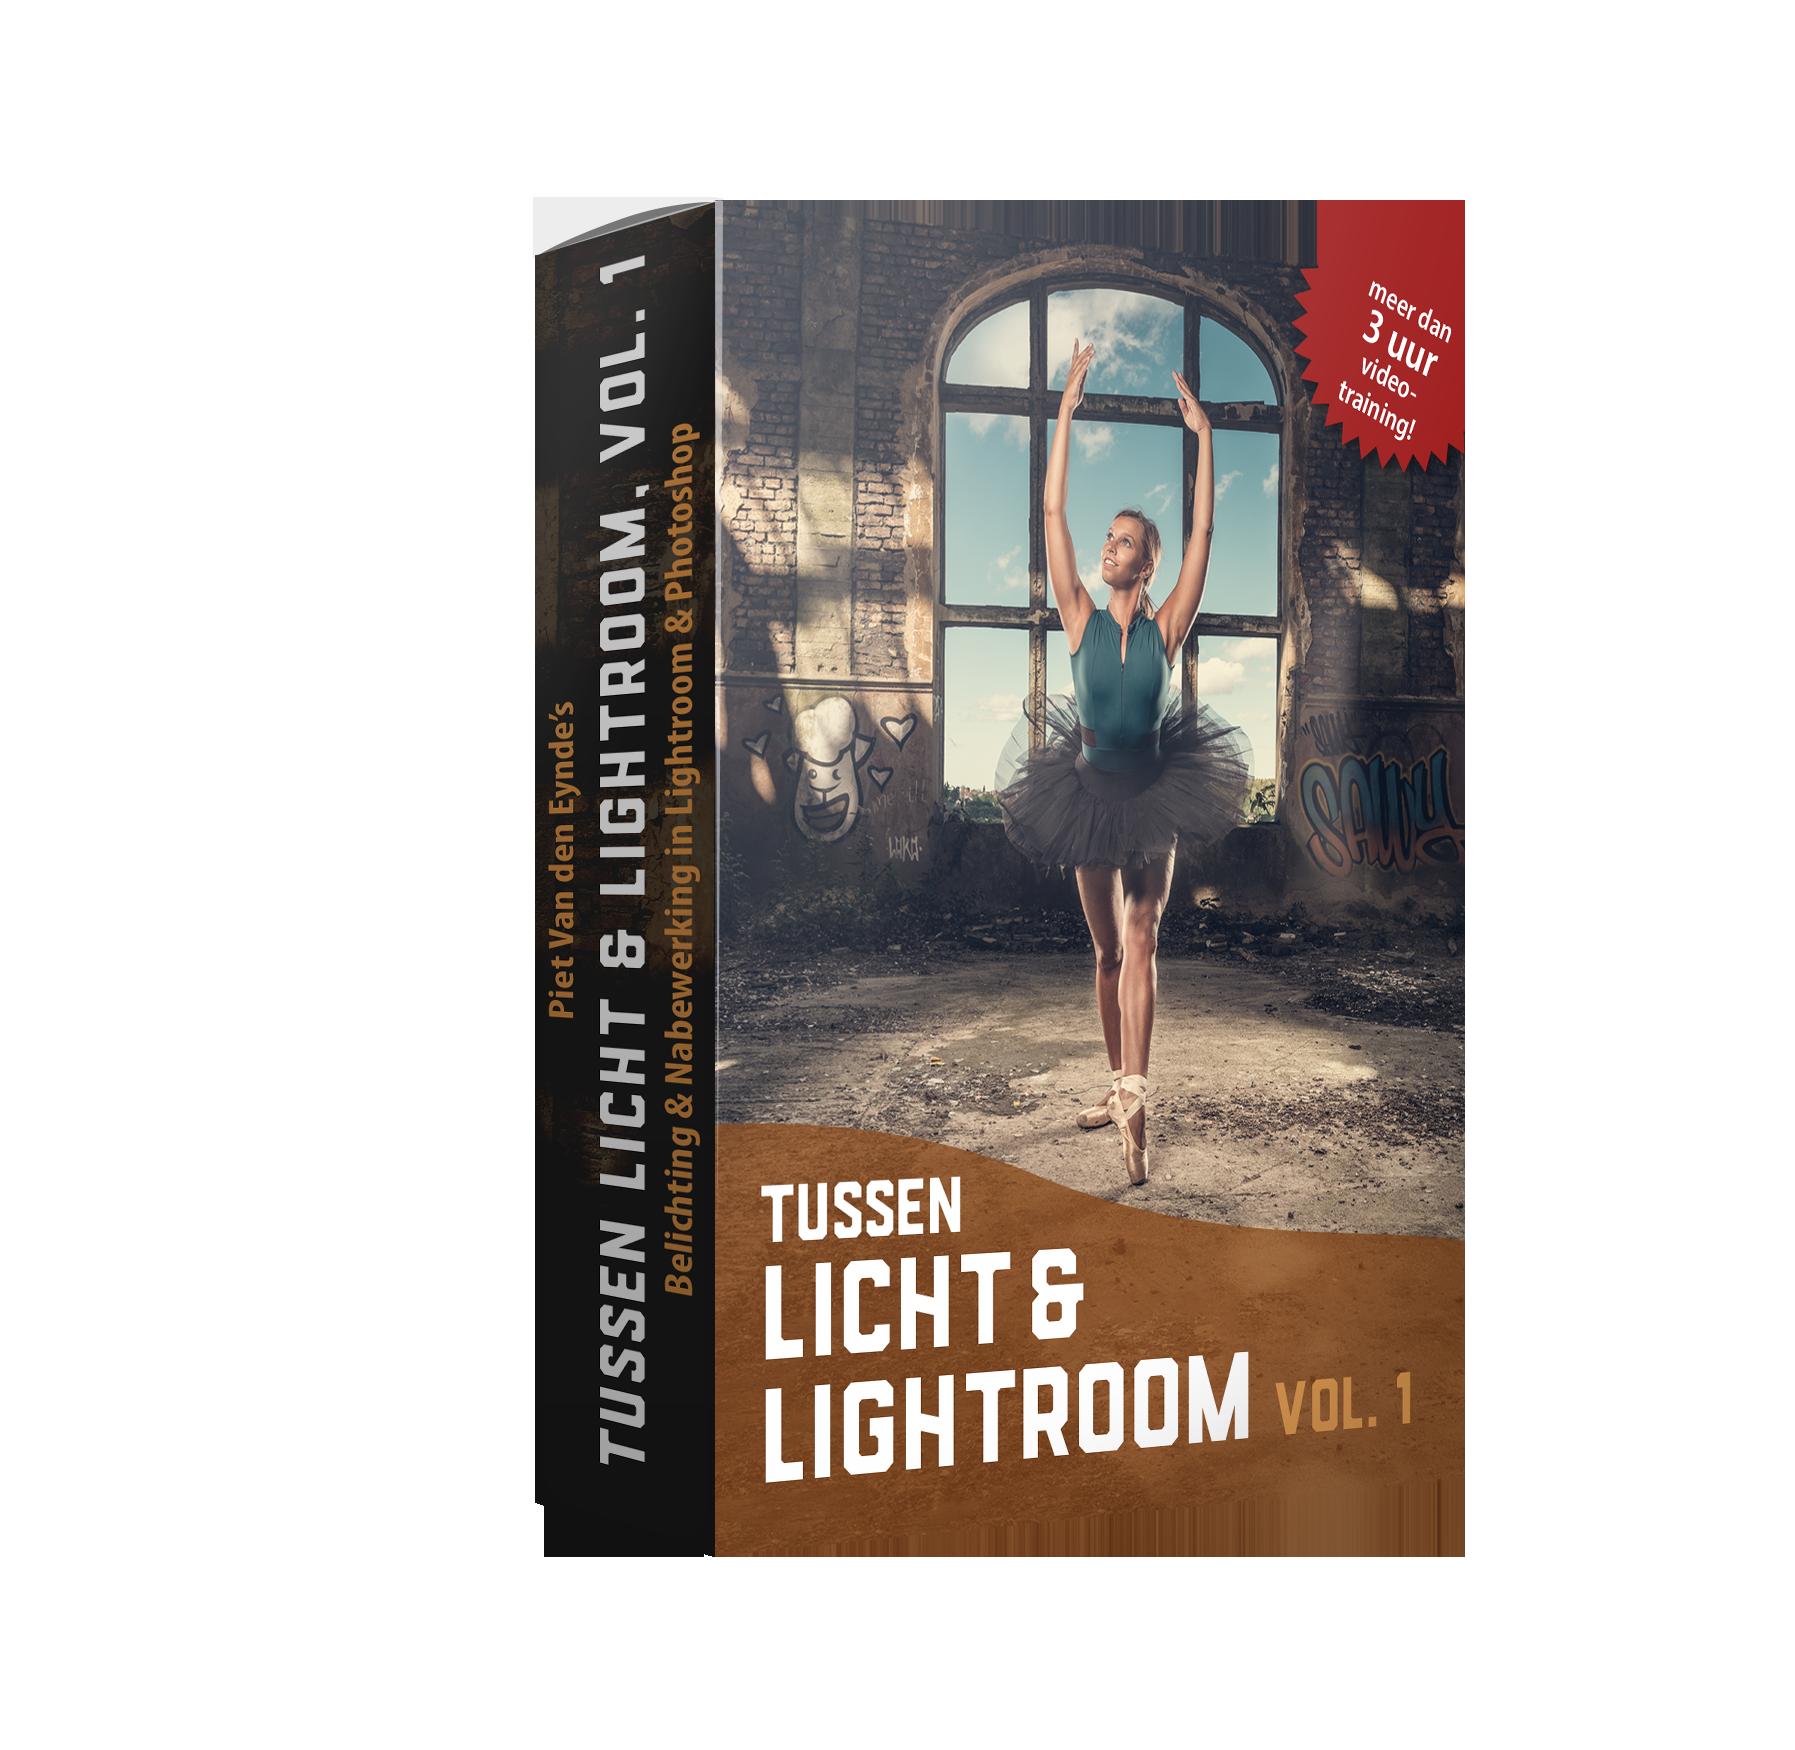 NIEUWE TUTORIAL: Tussen Licht & Lightroom, Vol. 01 - • Gloednieuwe Nederlandstalige Tutorial• Meer dan 3 uur video• Volledige Before & After workflow• Inclusief Photoshop Handeling